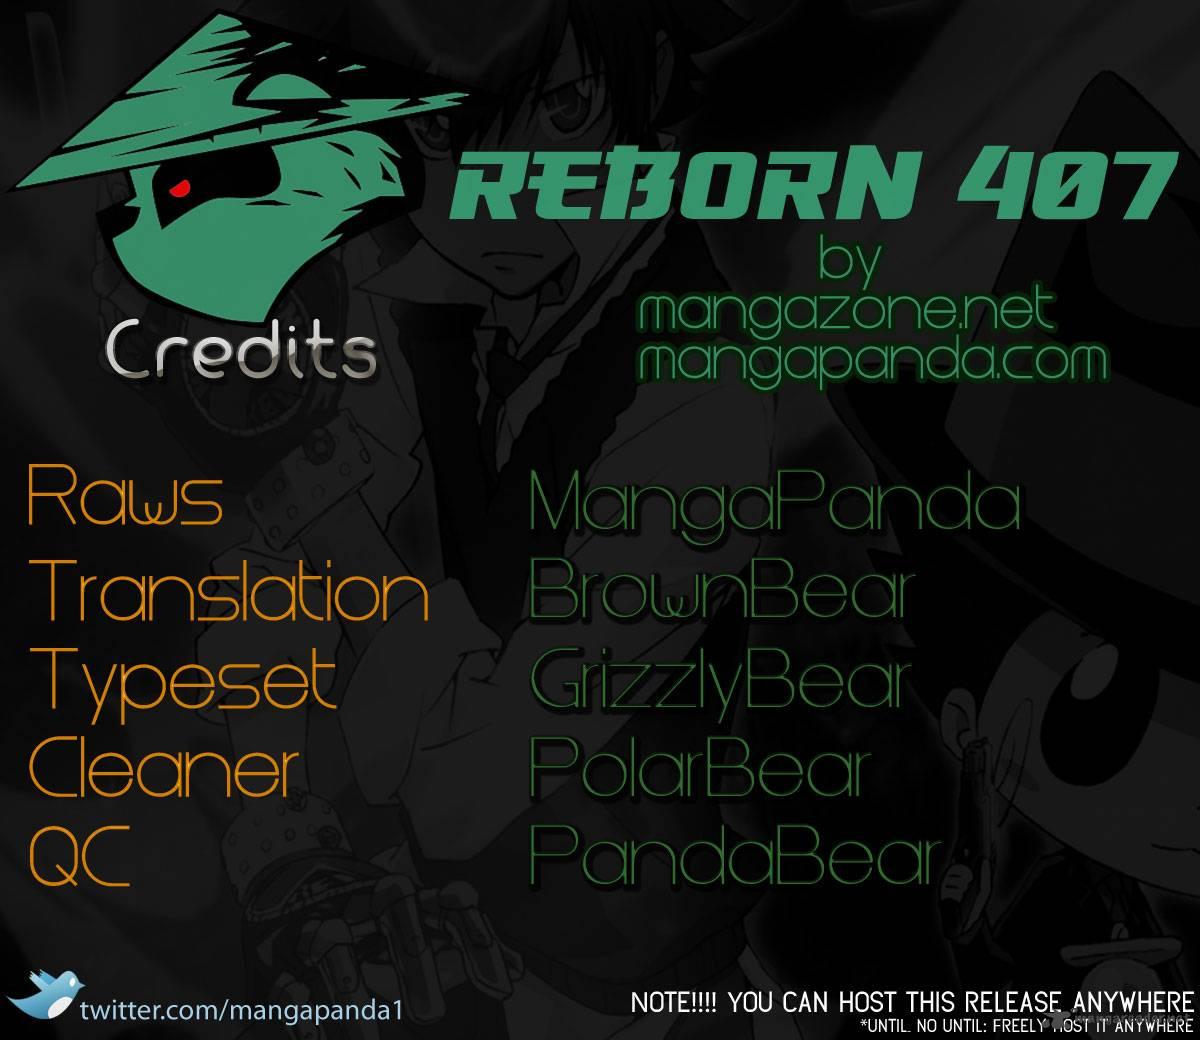 Reborn Club: Reborn เป้าหมายที่ 407 ทางเลือกที่ยากที่สุด